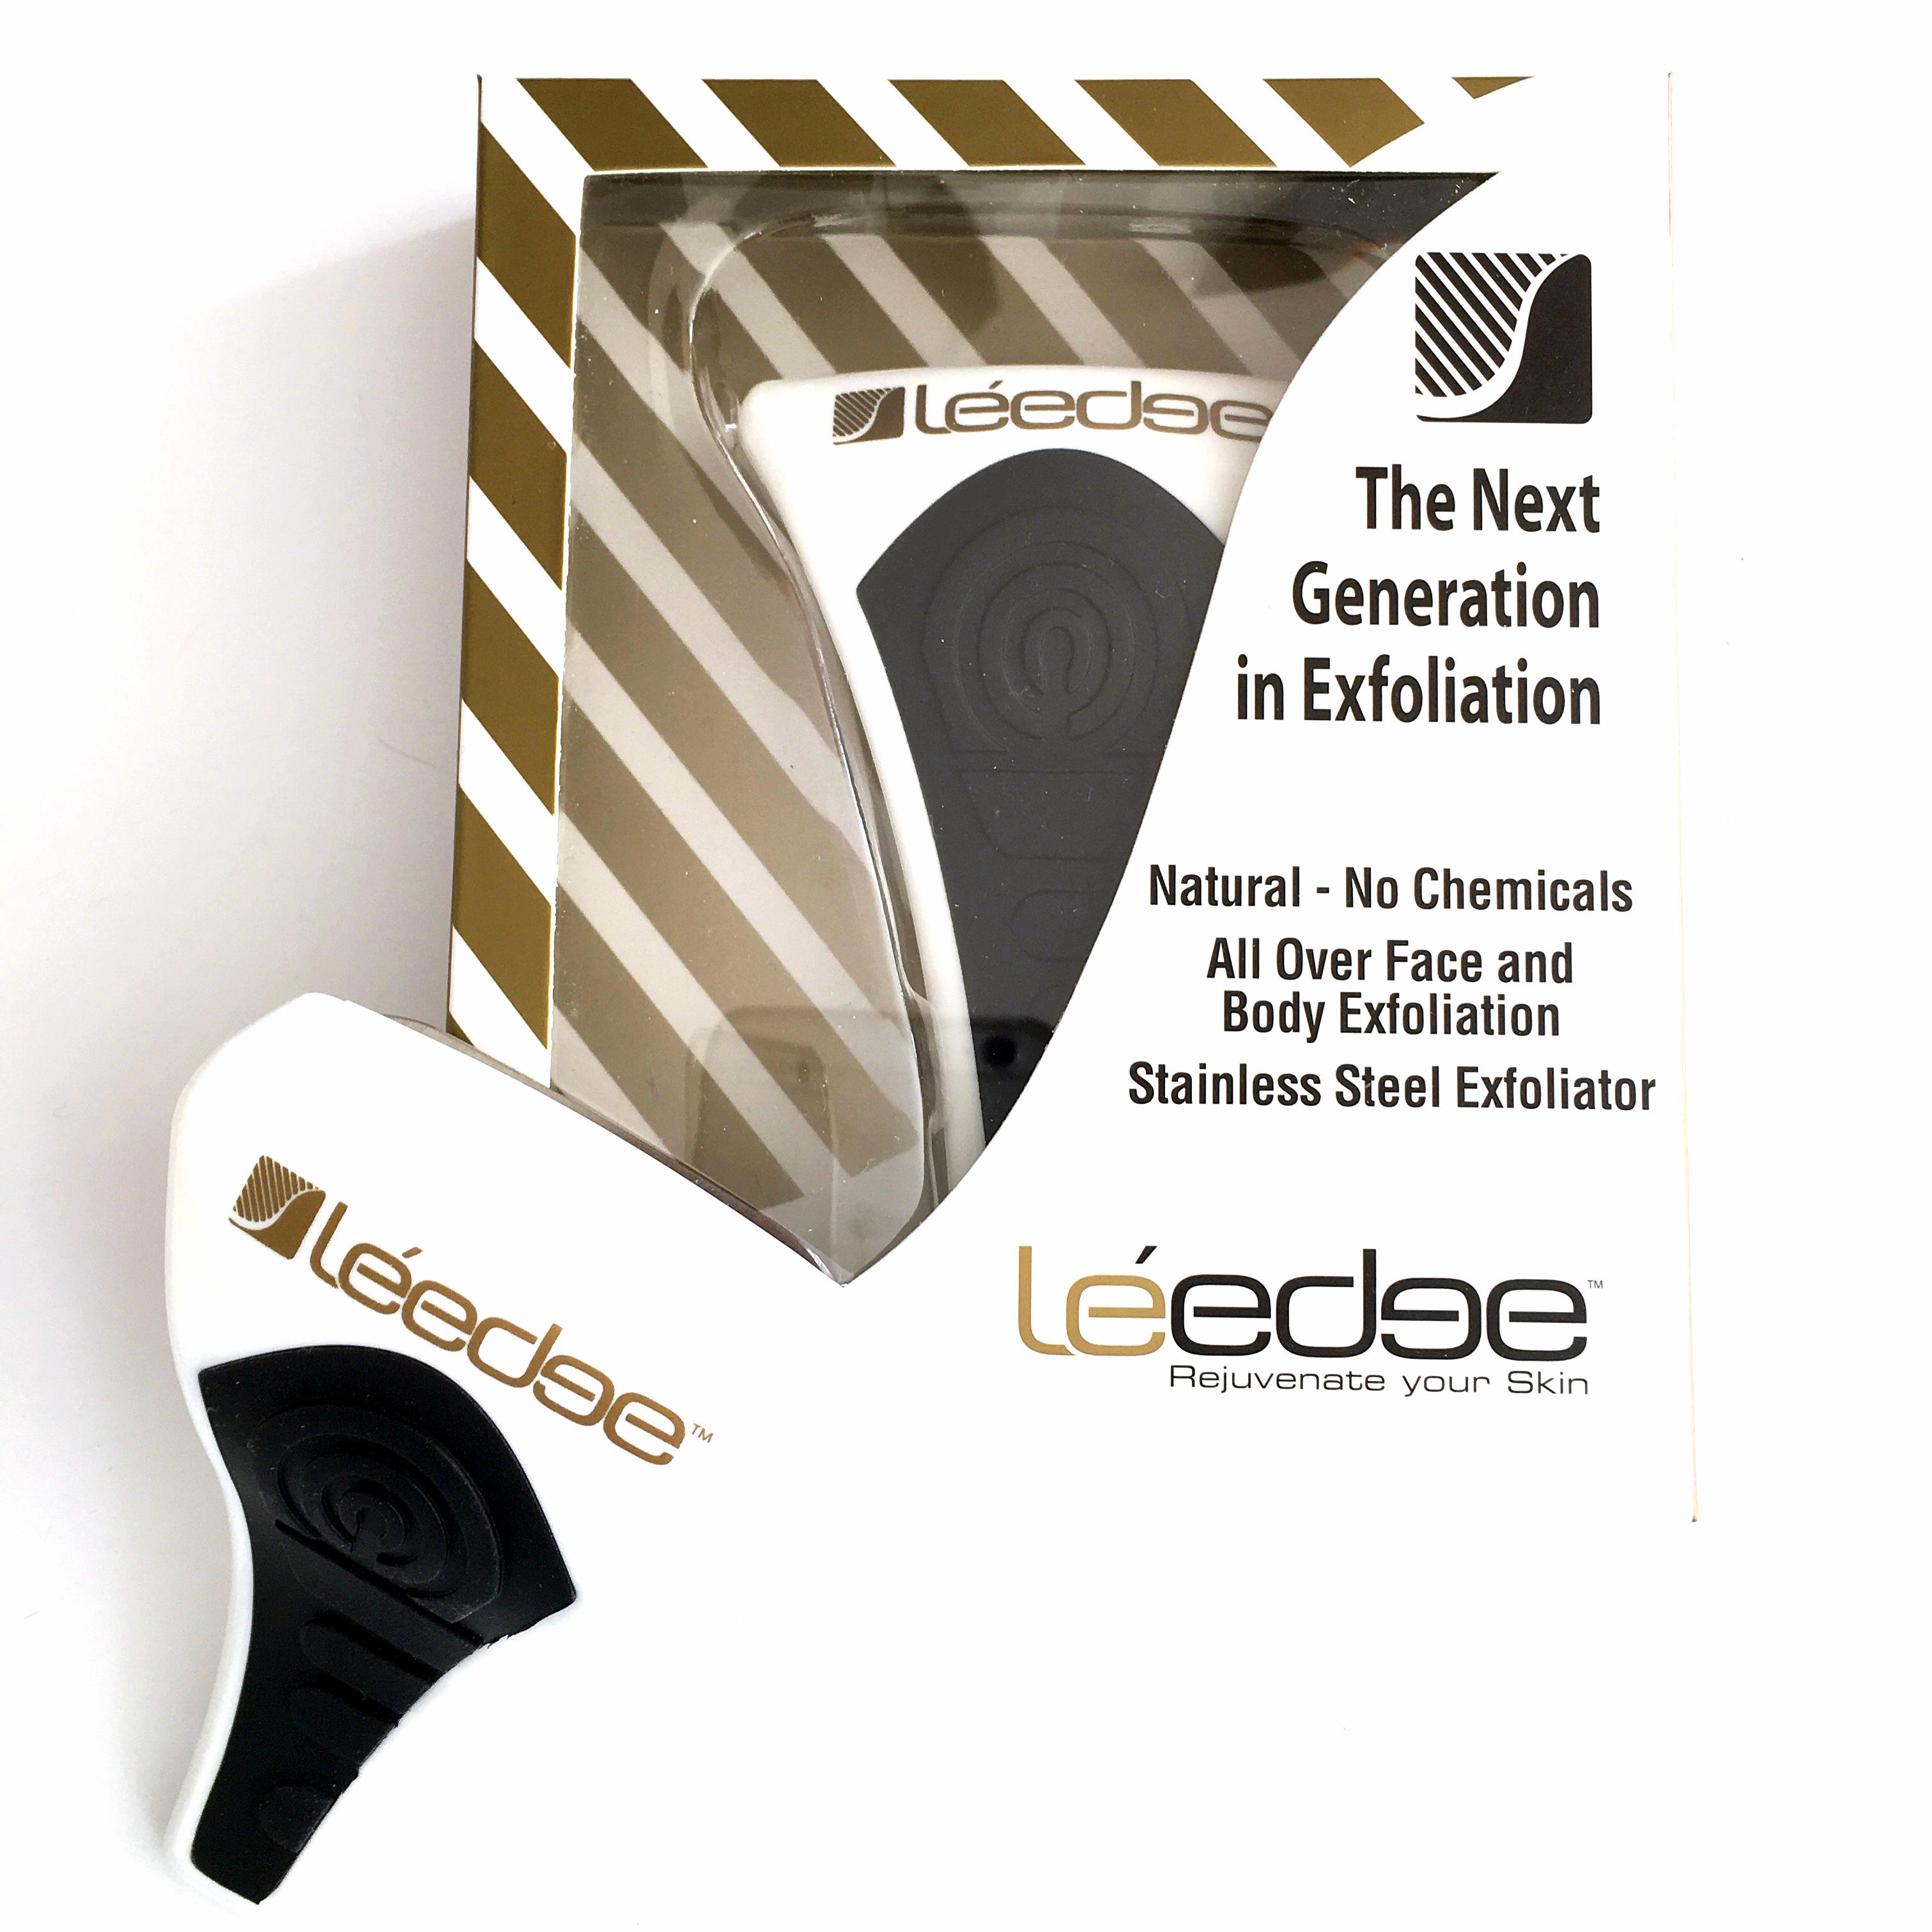 Le Edge